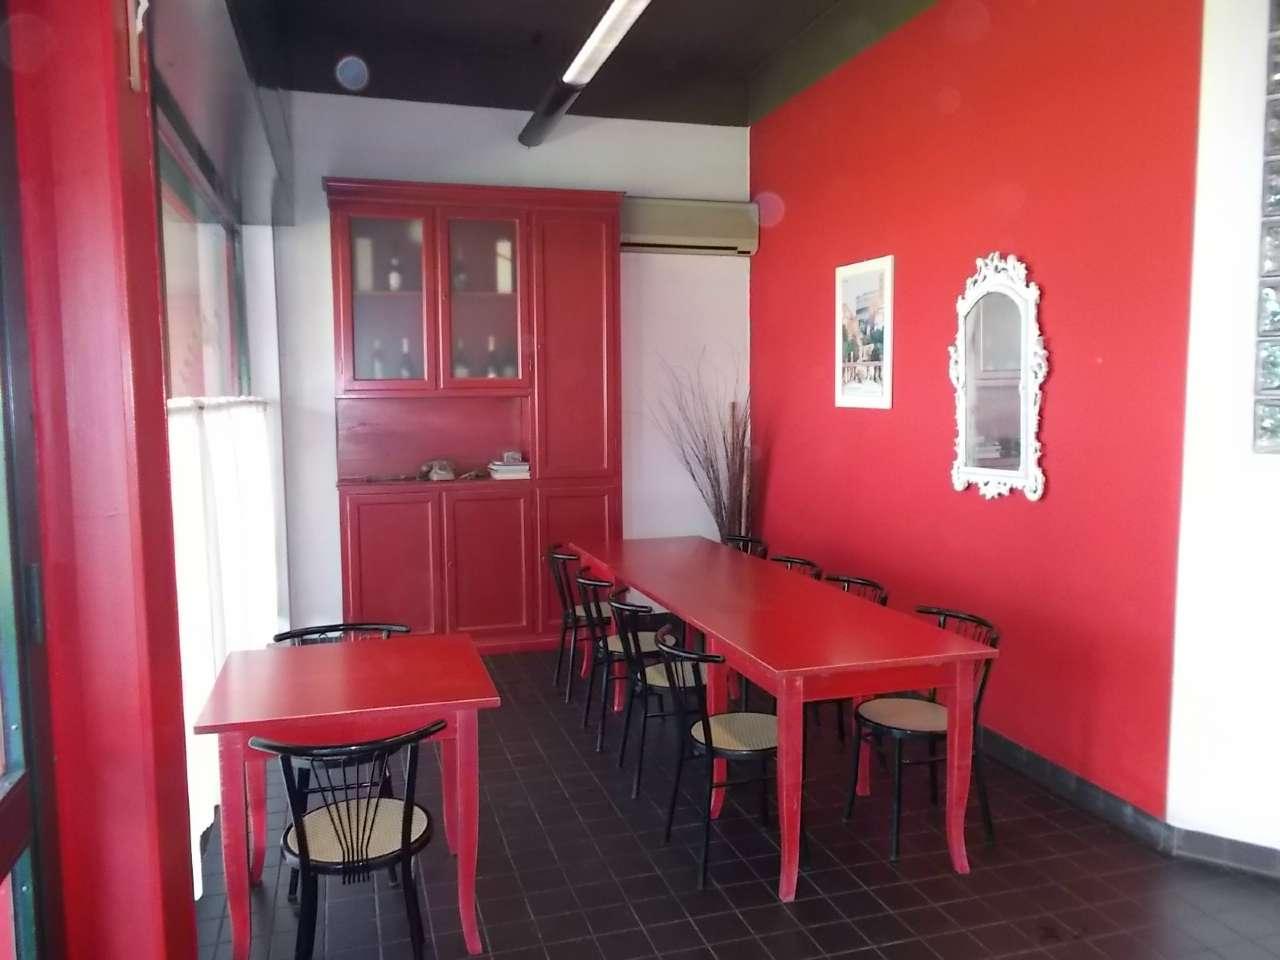 Negozio / Locale in vendita a Cavenago di Brianza, 1 locali, prezzo € 130.000 | CambioCasa.it